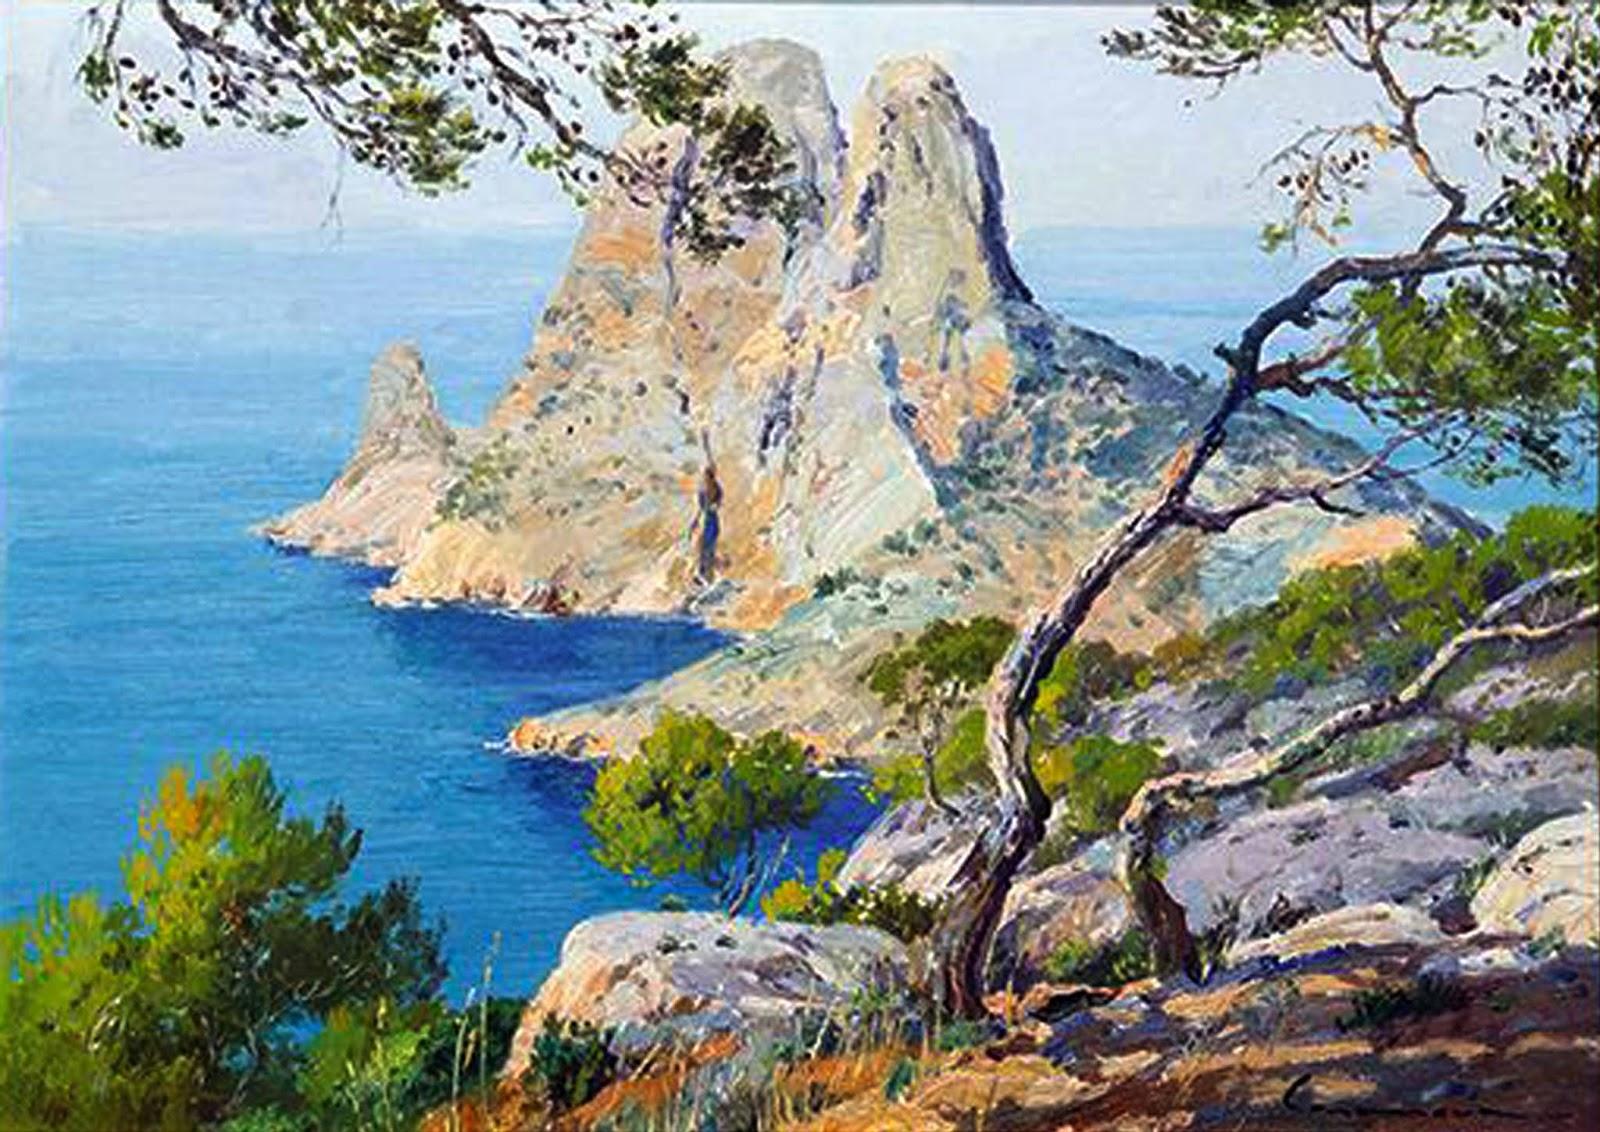 José Casanova Luján, Cala de Mallorca, Mallorca en Pintura, Mallorca pintada, Paisajes de Mallorca, José Casanova, Pintor José Casanova